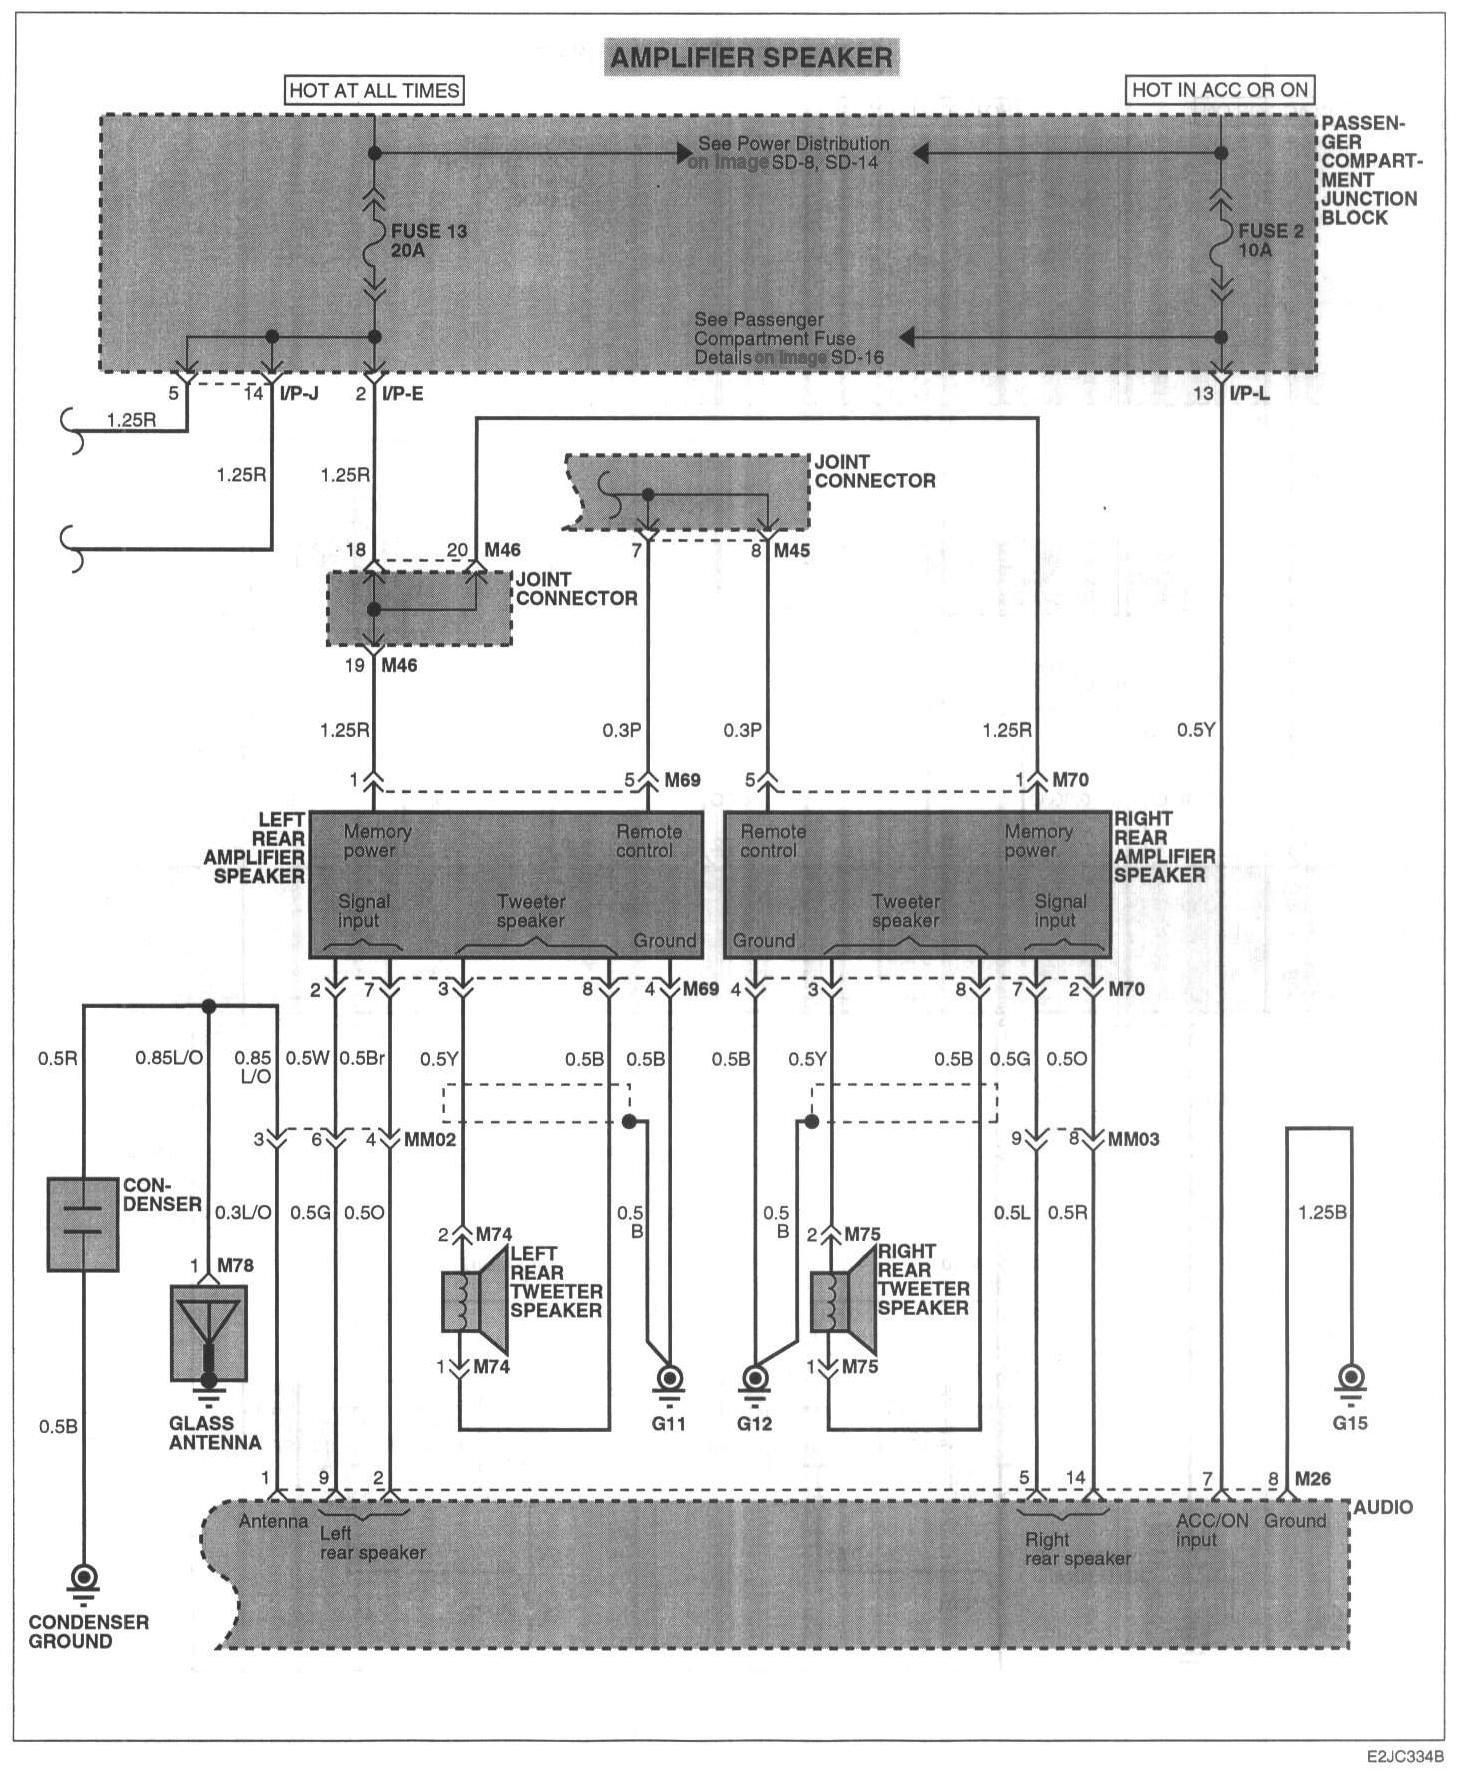 2002 Hyundai Accent Wiring Diagram - Facbooik.com